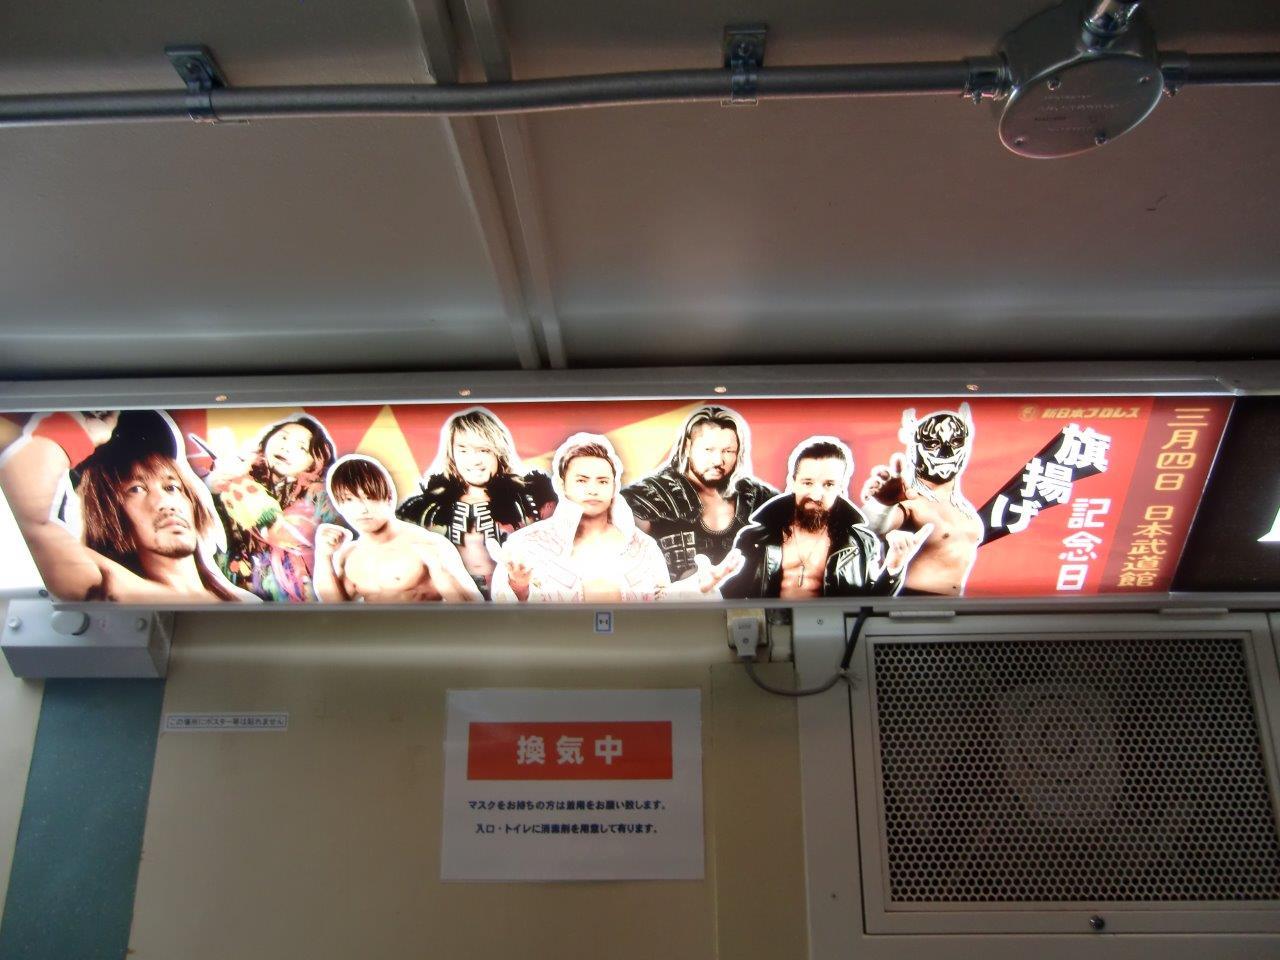 新日本プロレス2021年3月4日日本武道館広告2